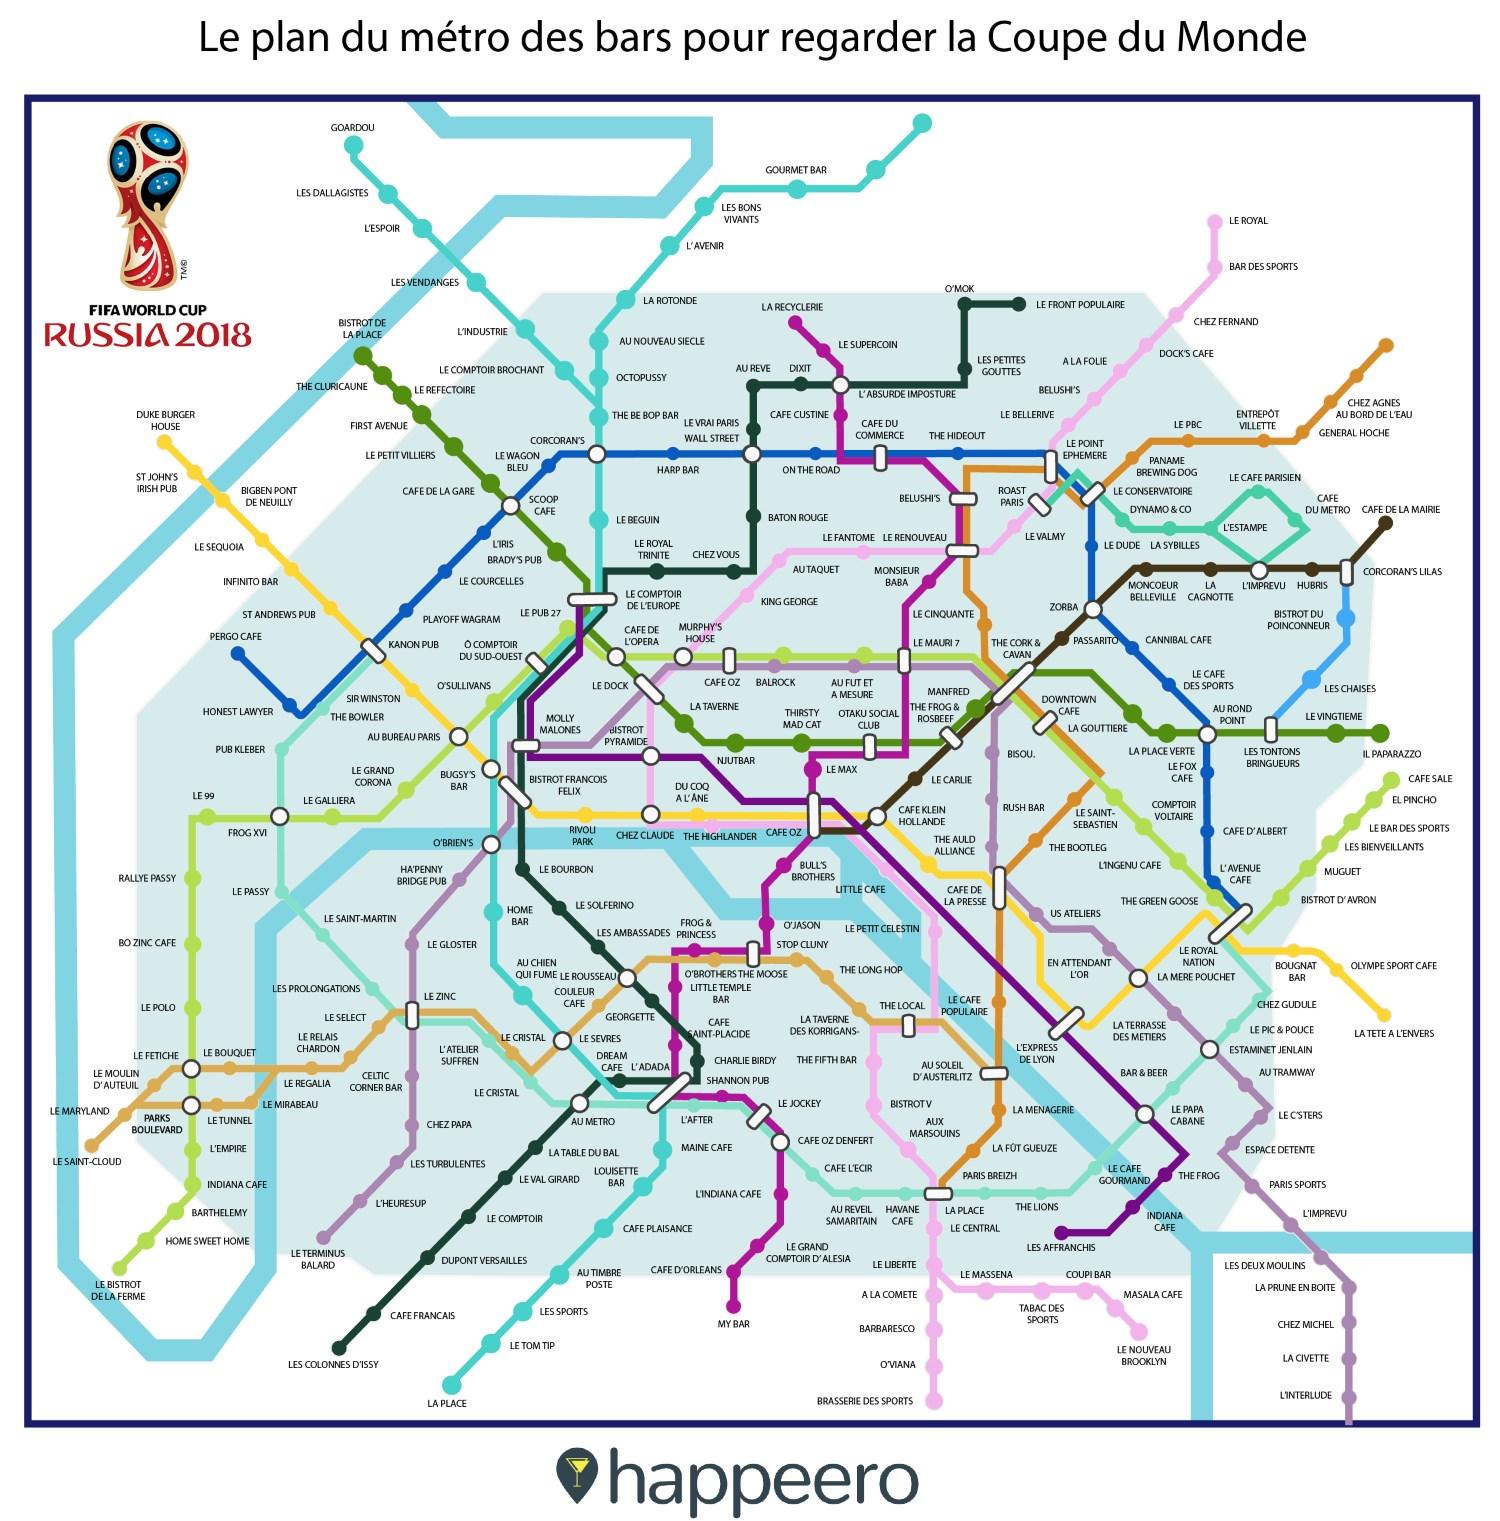 Le plan de métro des bars pour regarder la coupe du monde 2018 à Paris